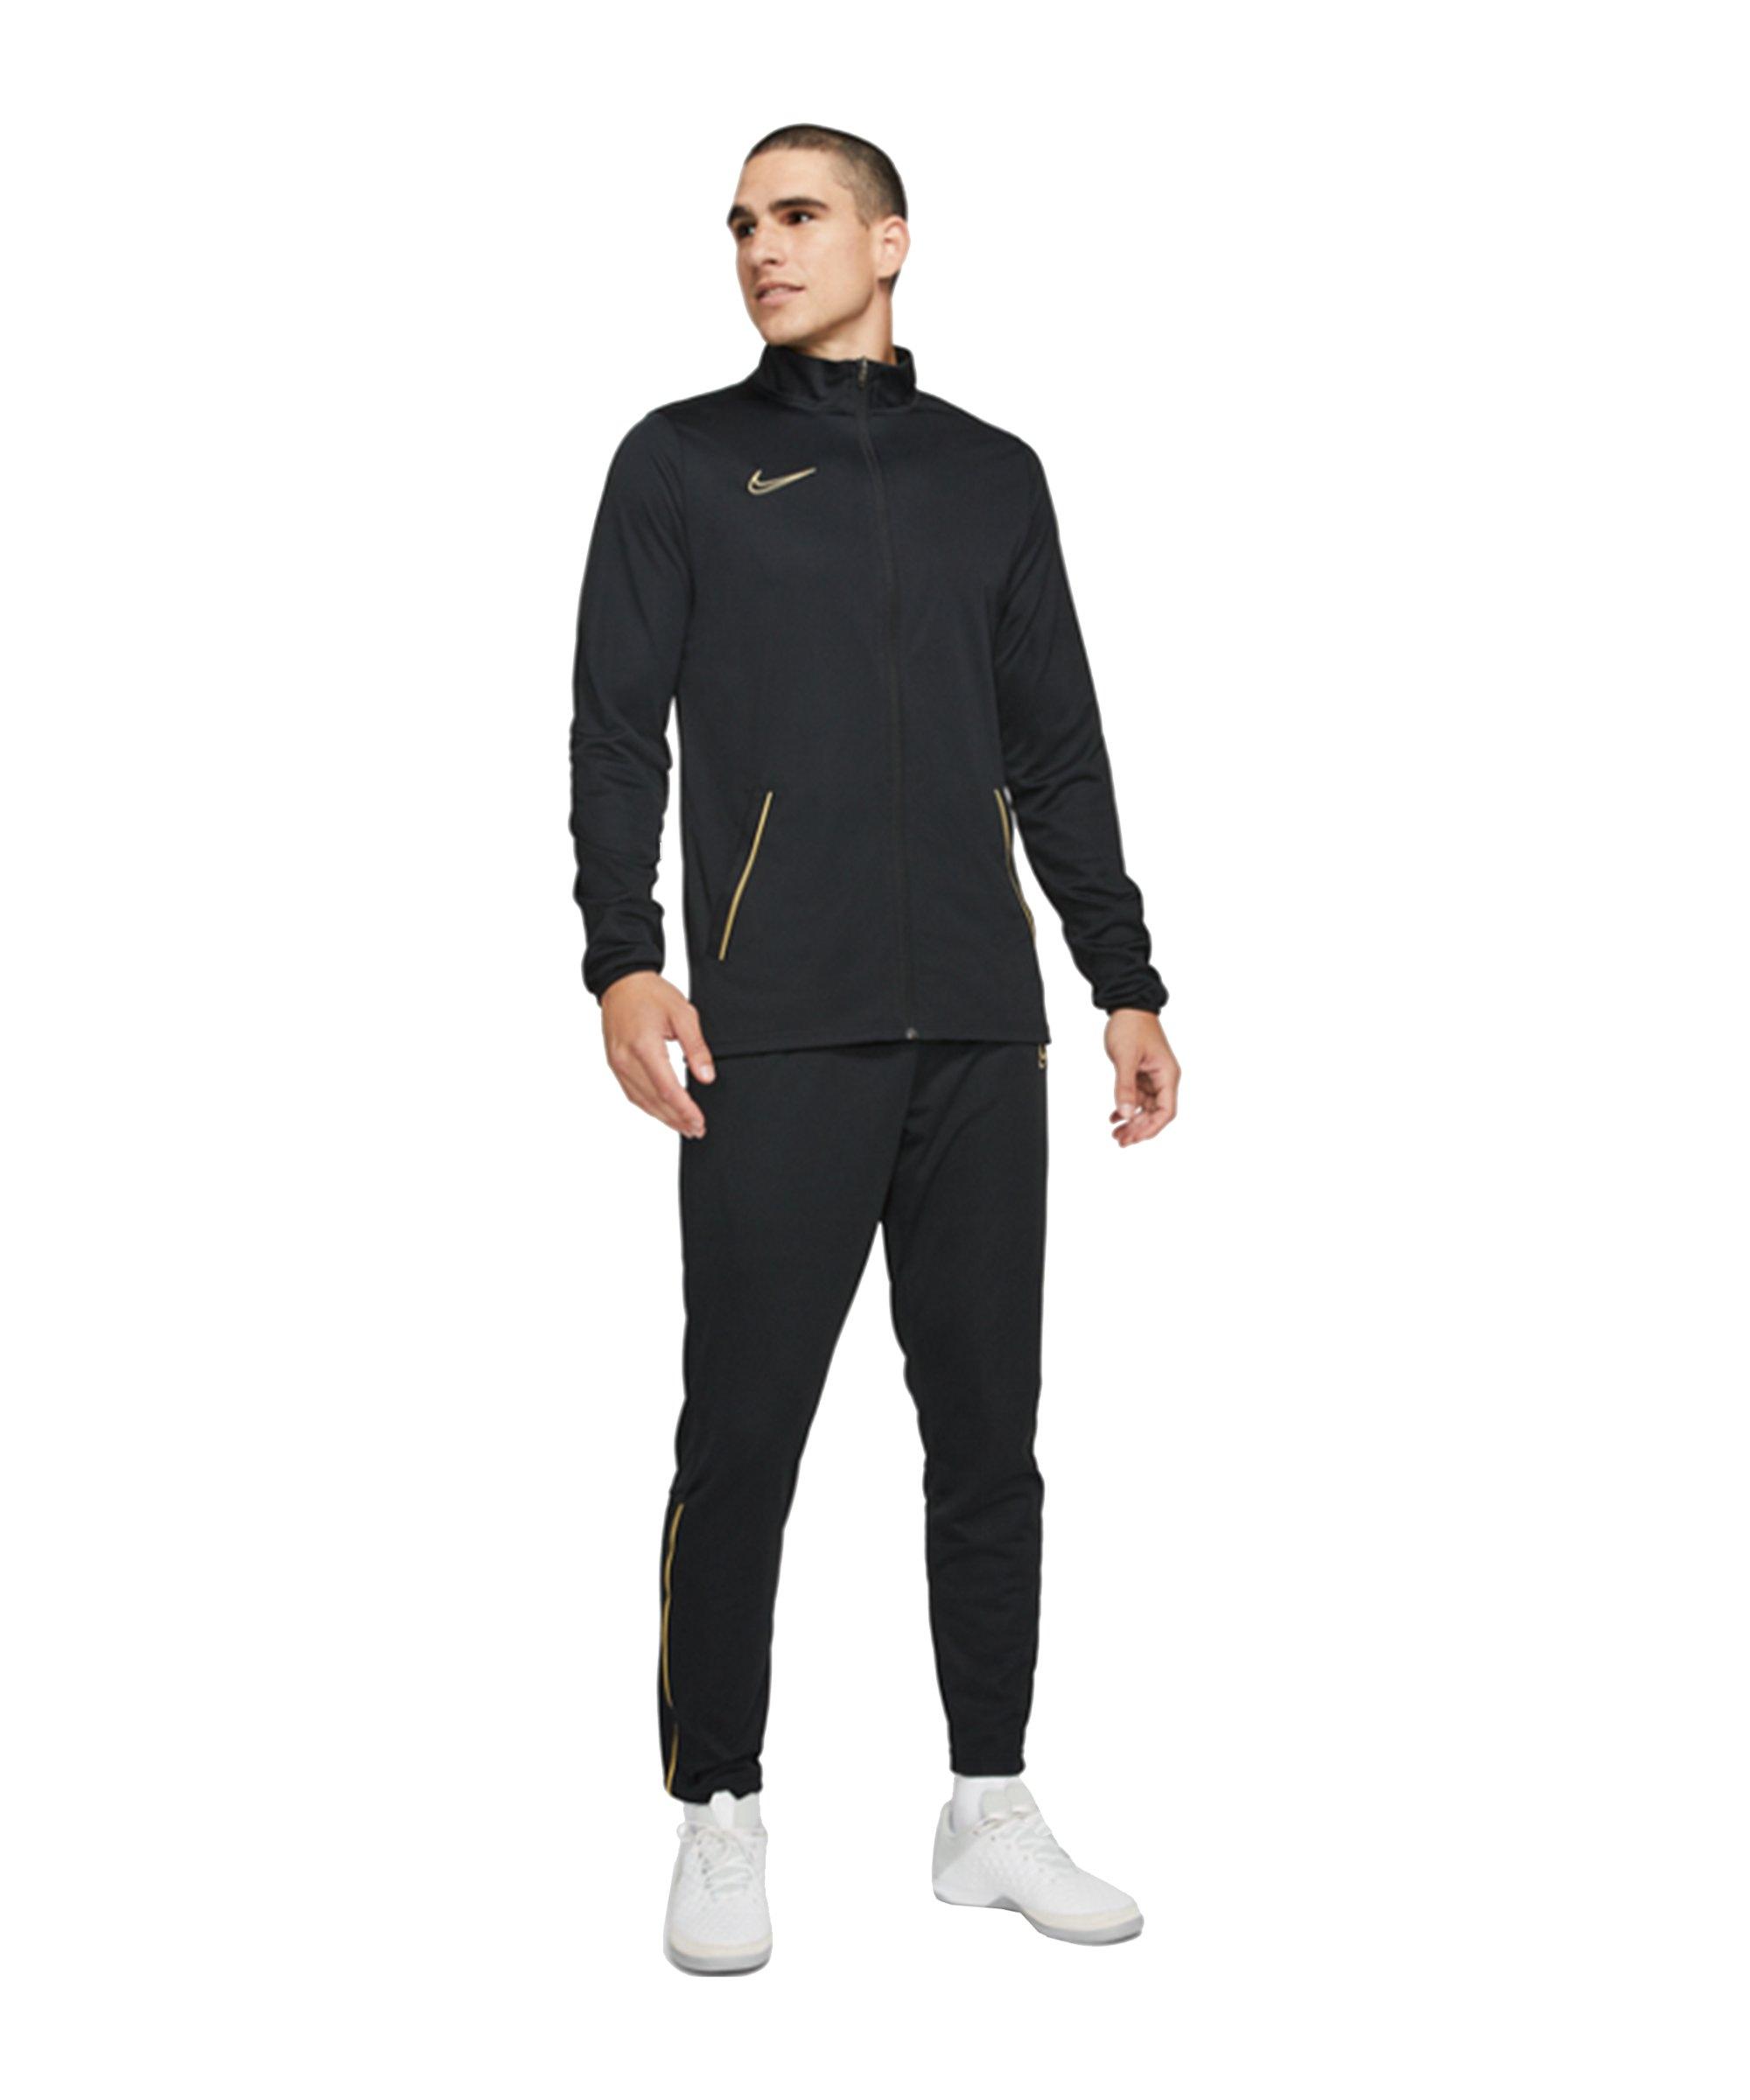 Nike Academy 21 Trainingsanzug Schwarz Gold F014 - schwarz